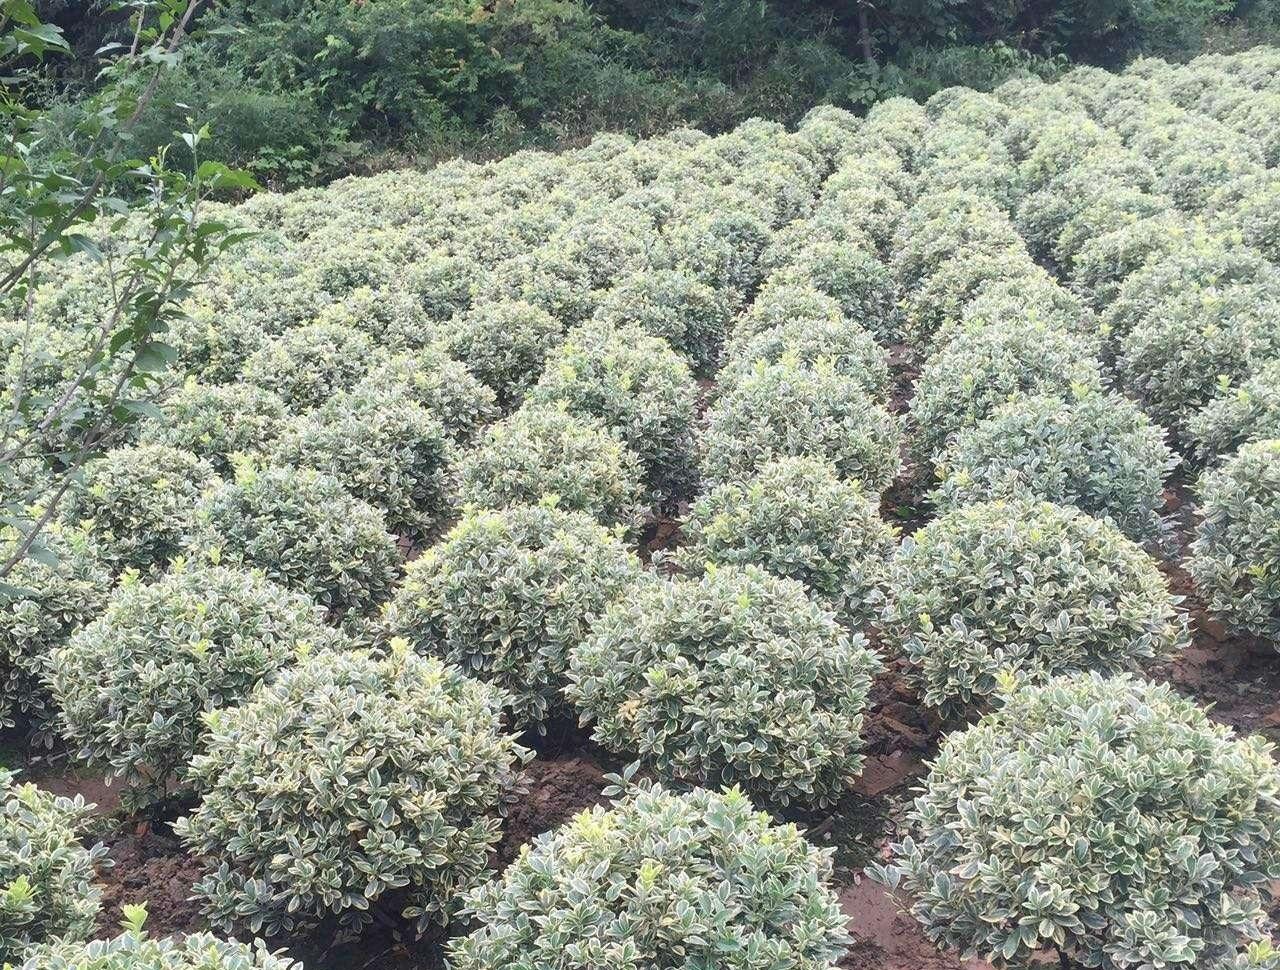 过水苗木全部喷施杀菌剂